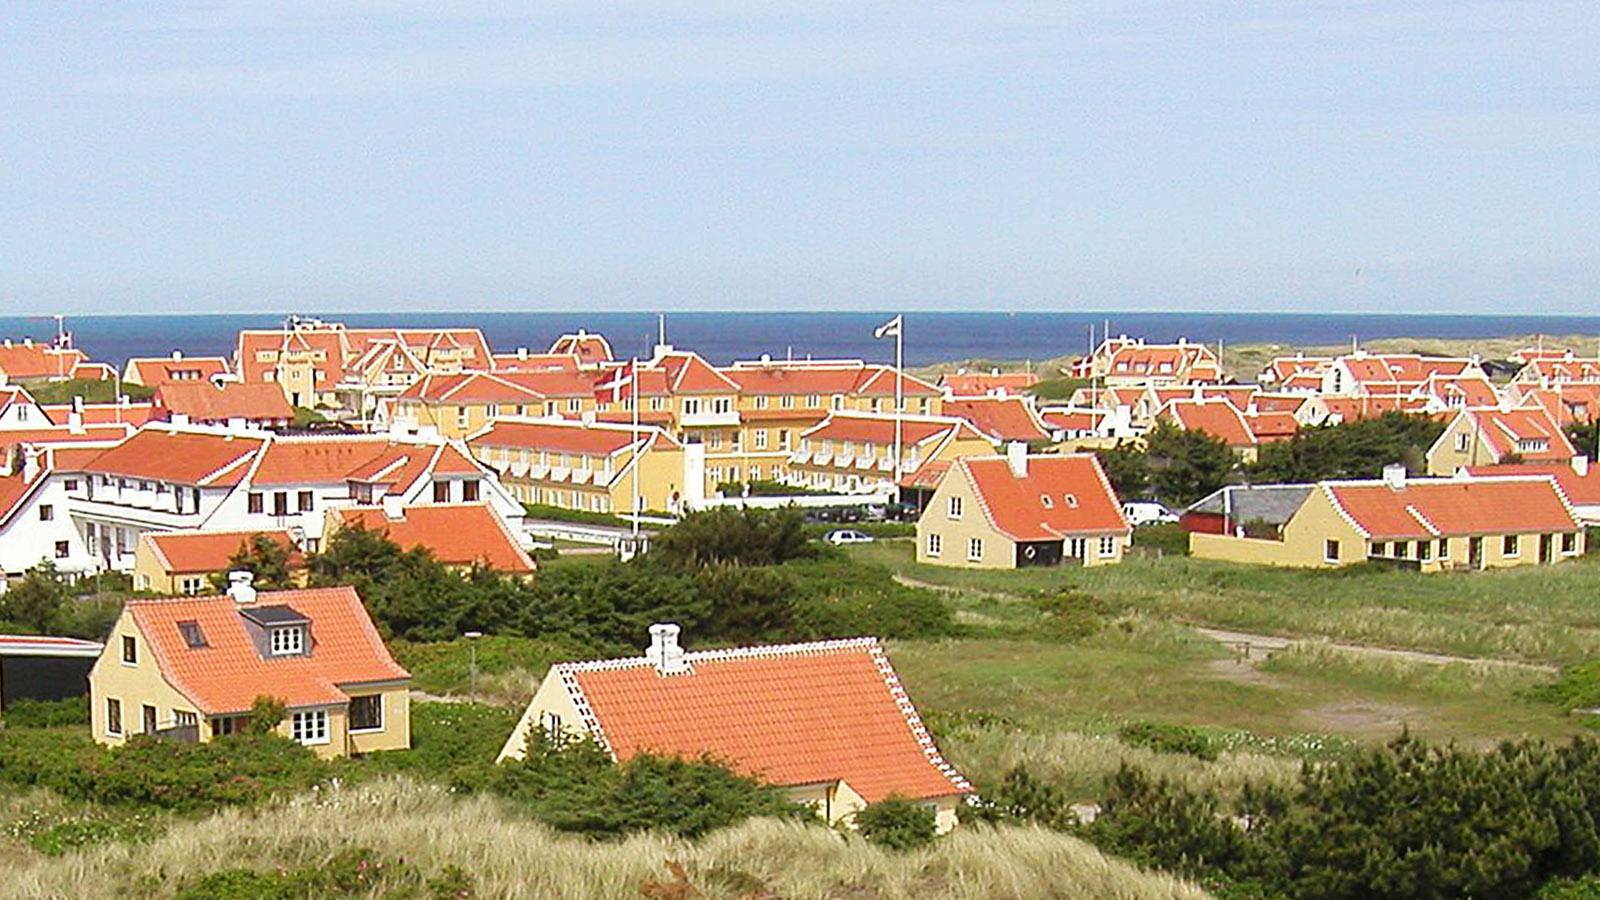 Der Blick auf Gammel Skagen. Foto: Hilke Maunder